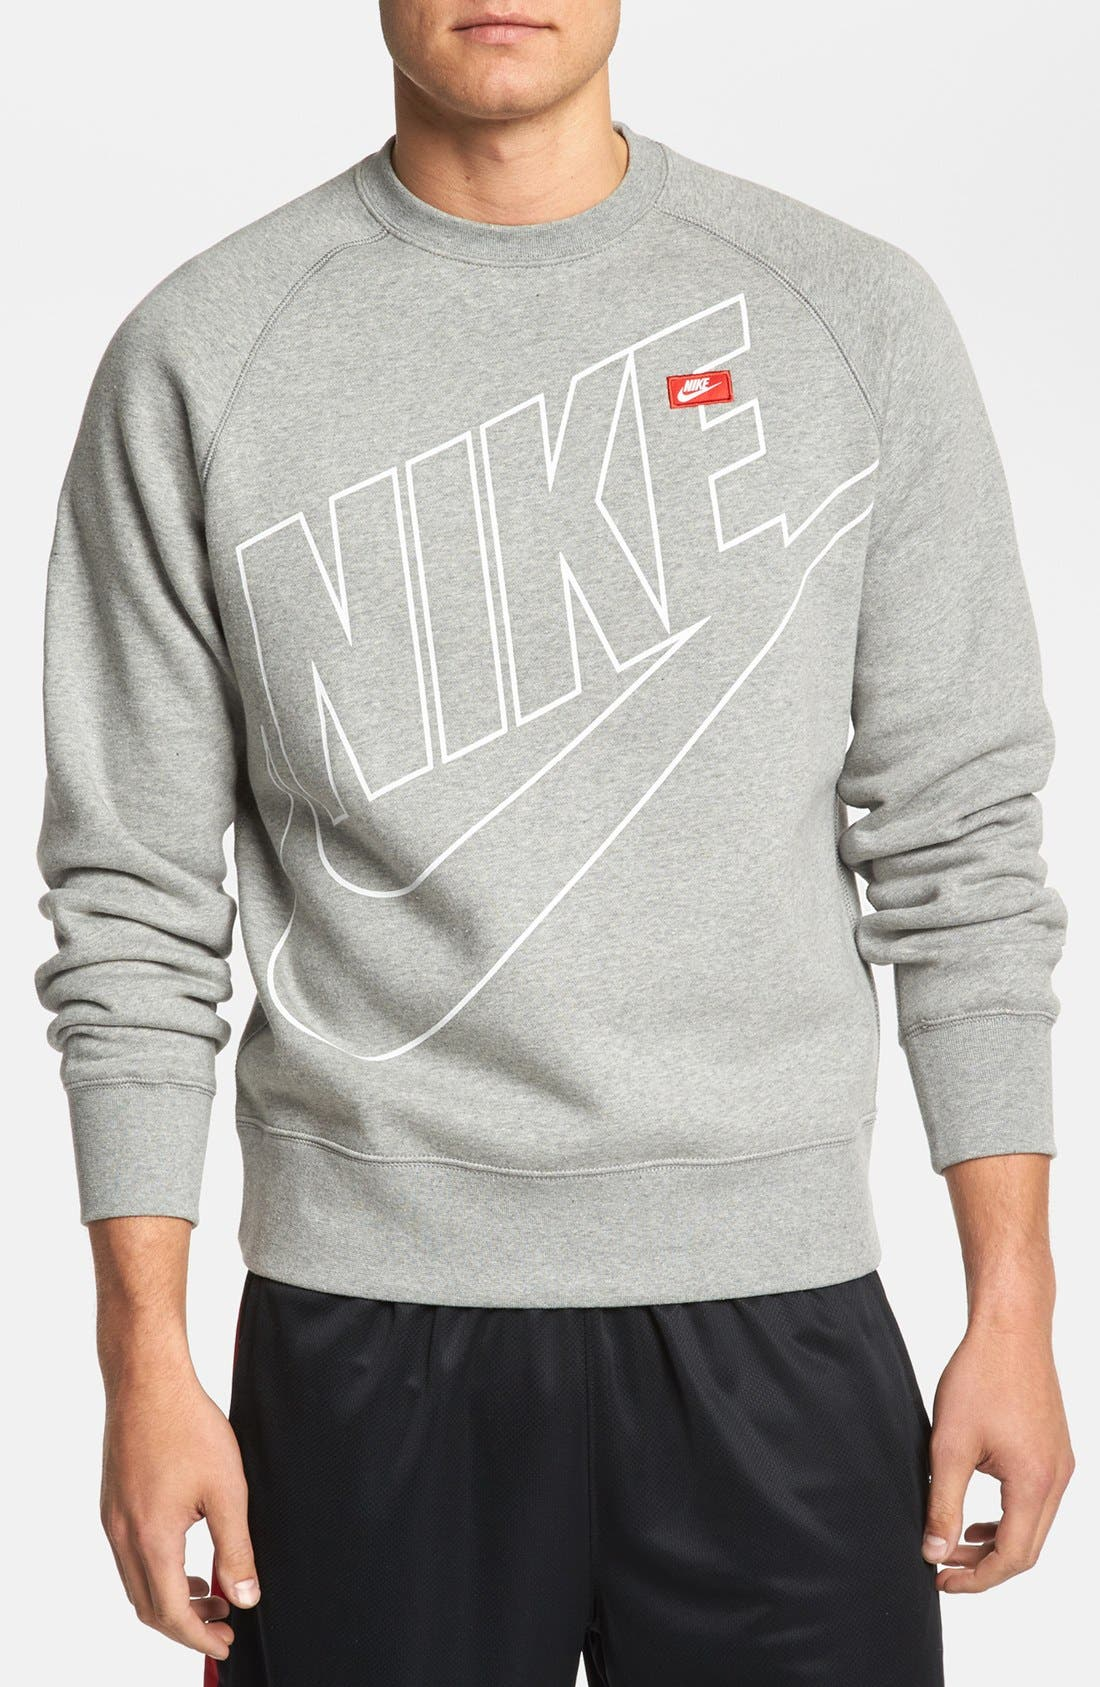 Main Image - Nike 'Ace' Fleece Crewneck Sweatshirt